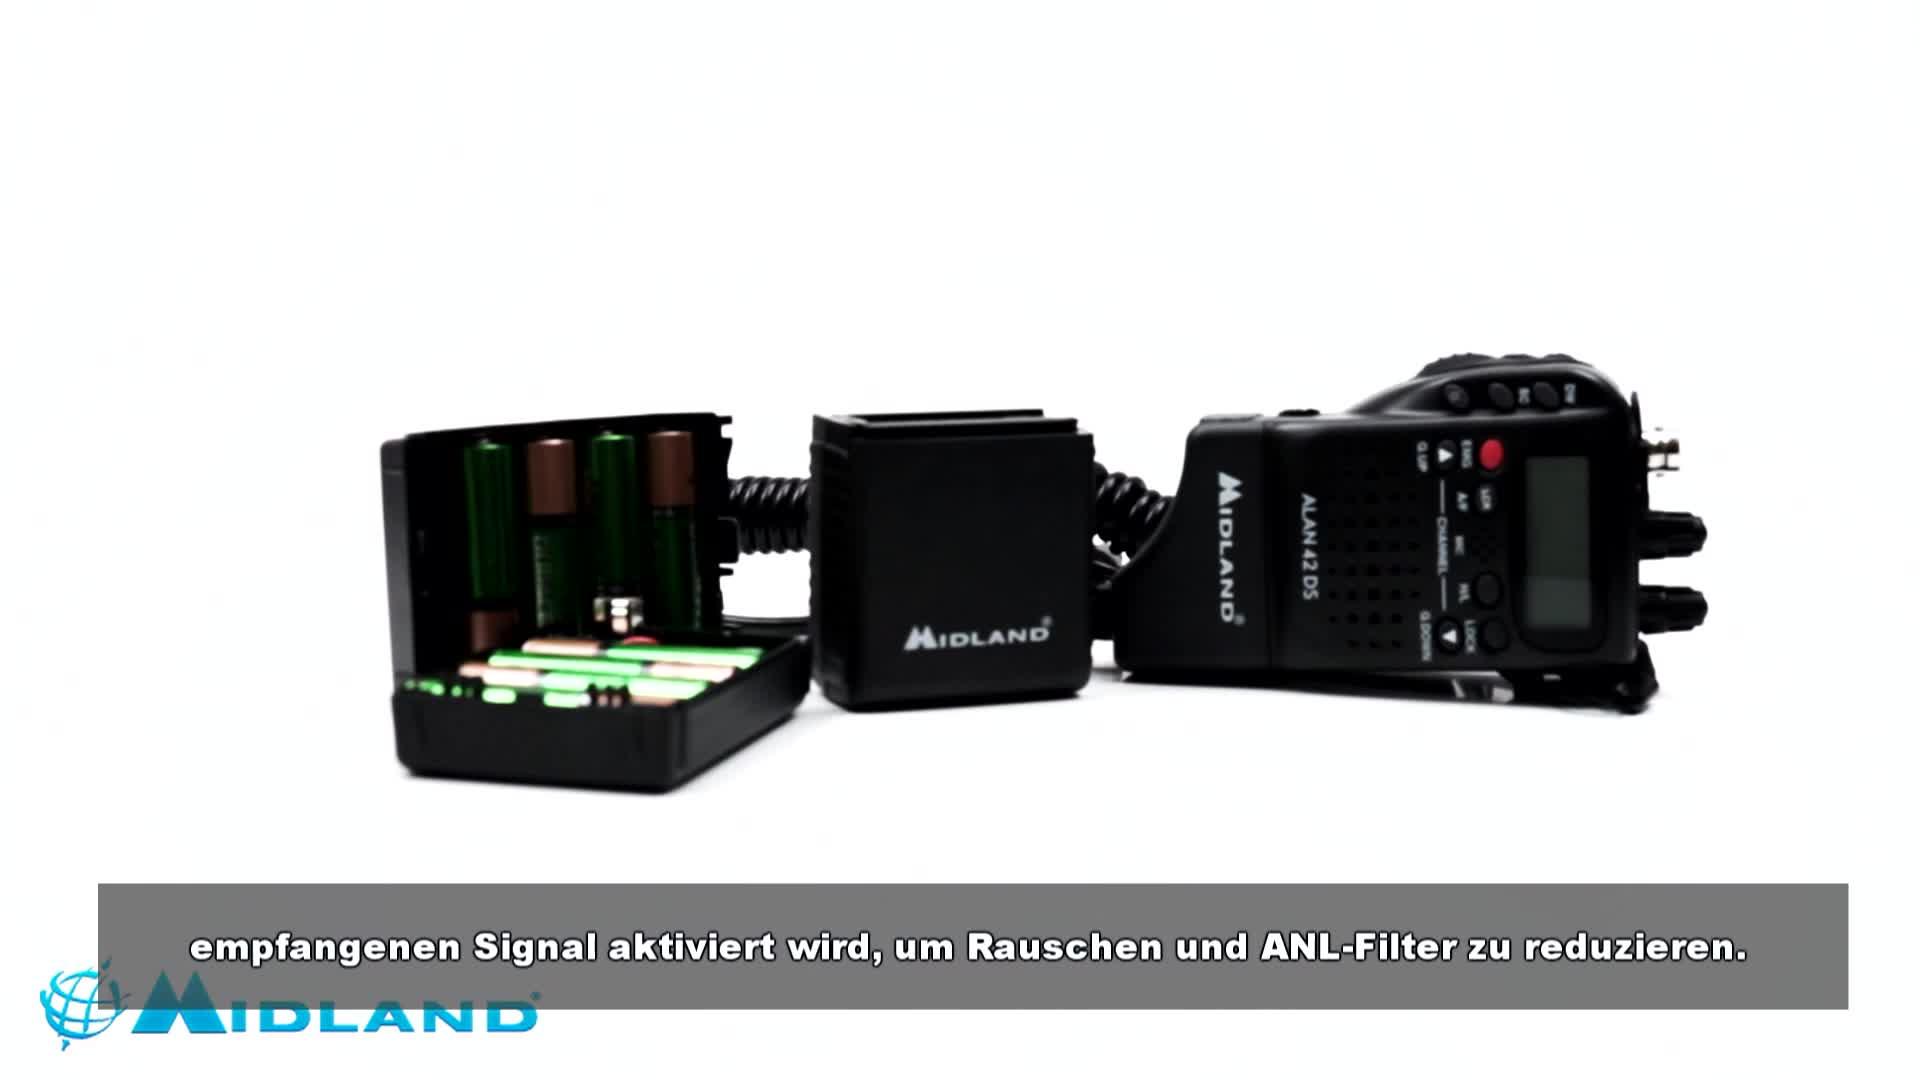 Midland Alan 42 Ds Cb Handfunkgerät Mit Digitalem Squelch Und Umfangreichem Zubehör Für Jedes Einsatzgebiet 4w Am Fm Audio Hifi